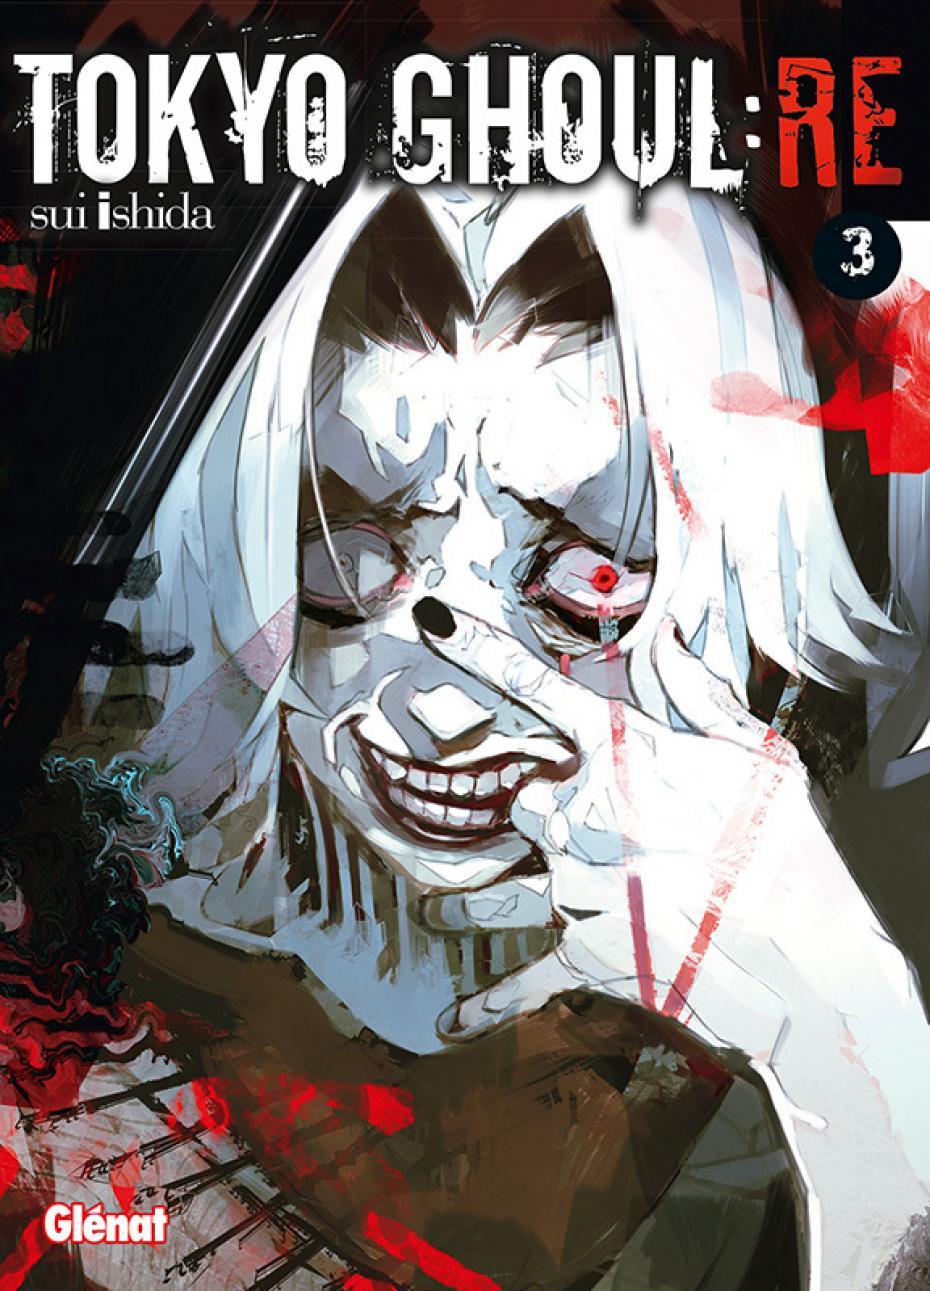 le-tome-3-de-tokyo-ghoul-re-est-disponible